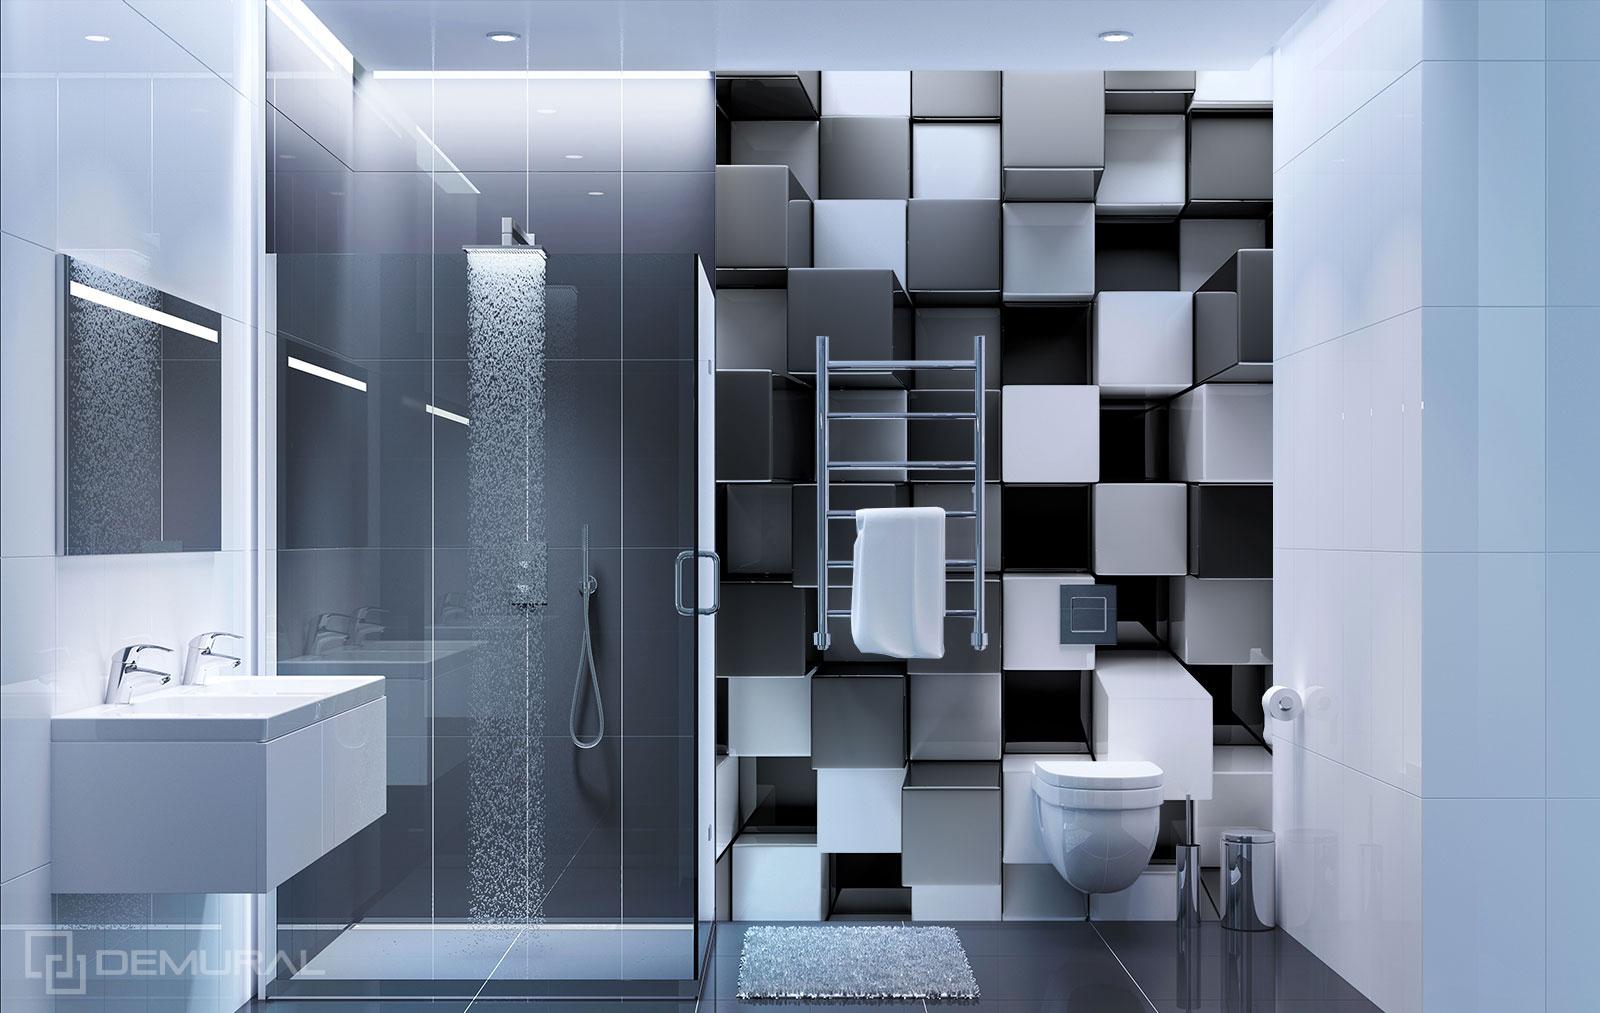 Papier peint  Cubes 3D - Papier peint noir et blanc - Demural